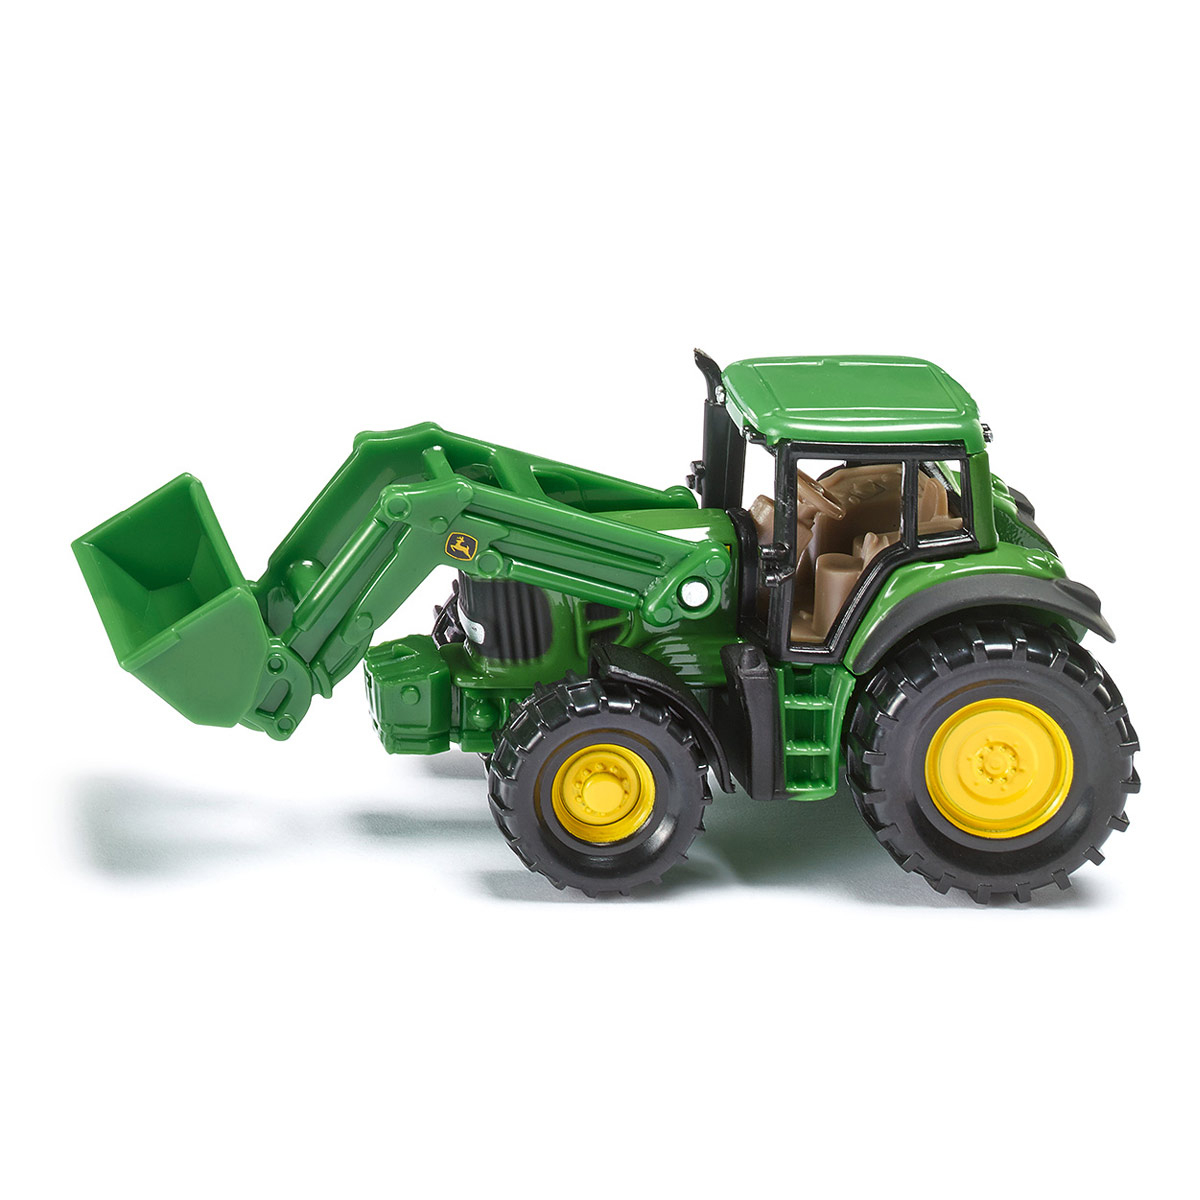 Tracteur John Deere Avec Chargeur Frontal À L'échelle 1/64E destiné Dessin Animé De Tracteur John Deere